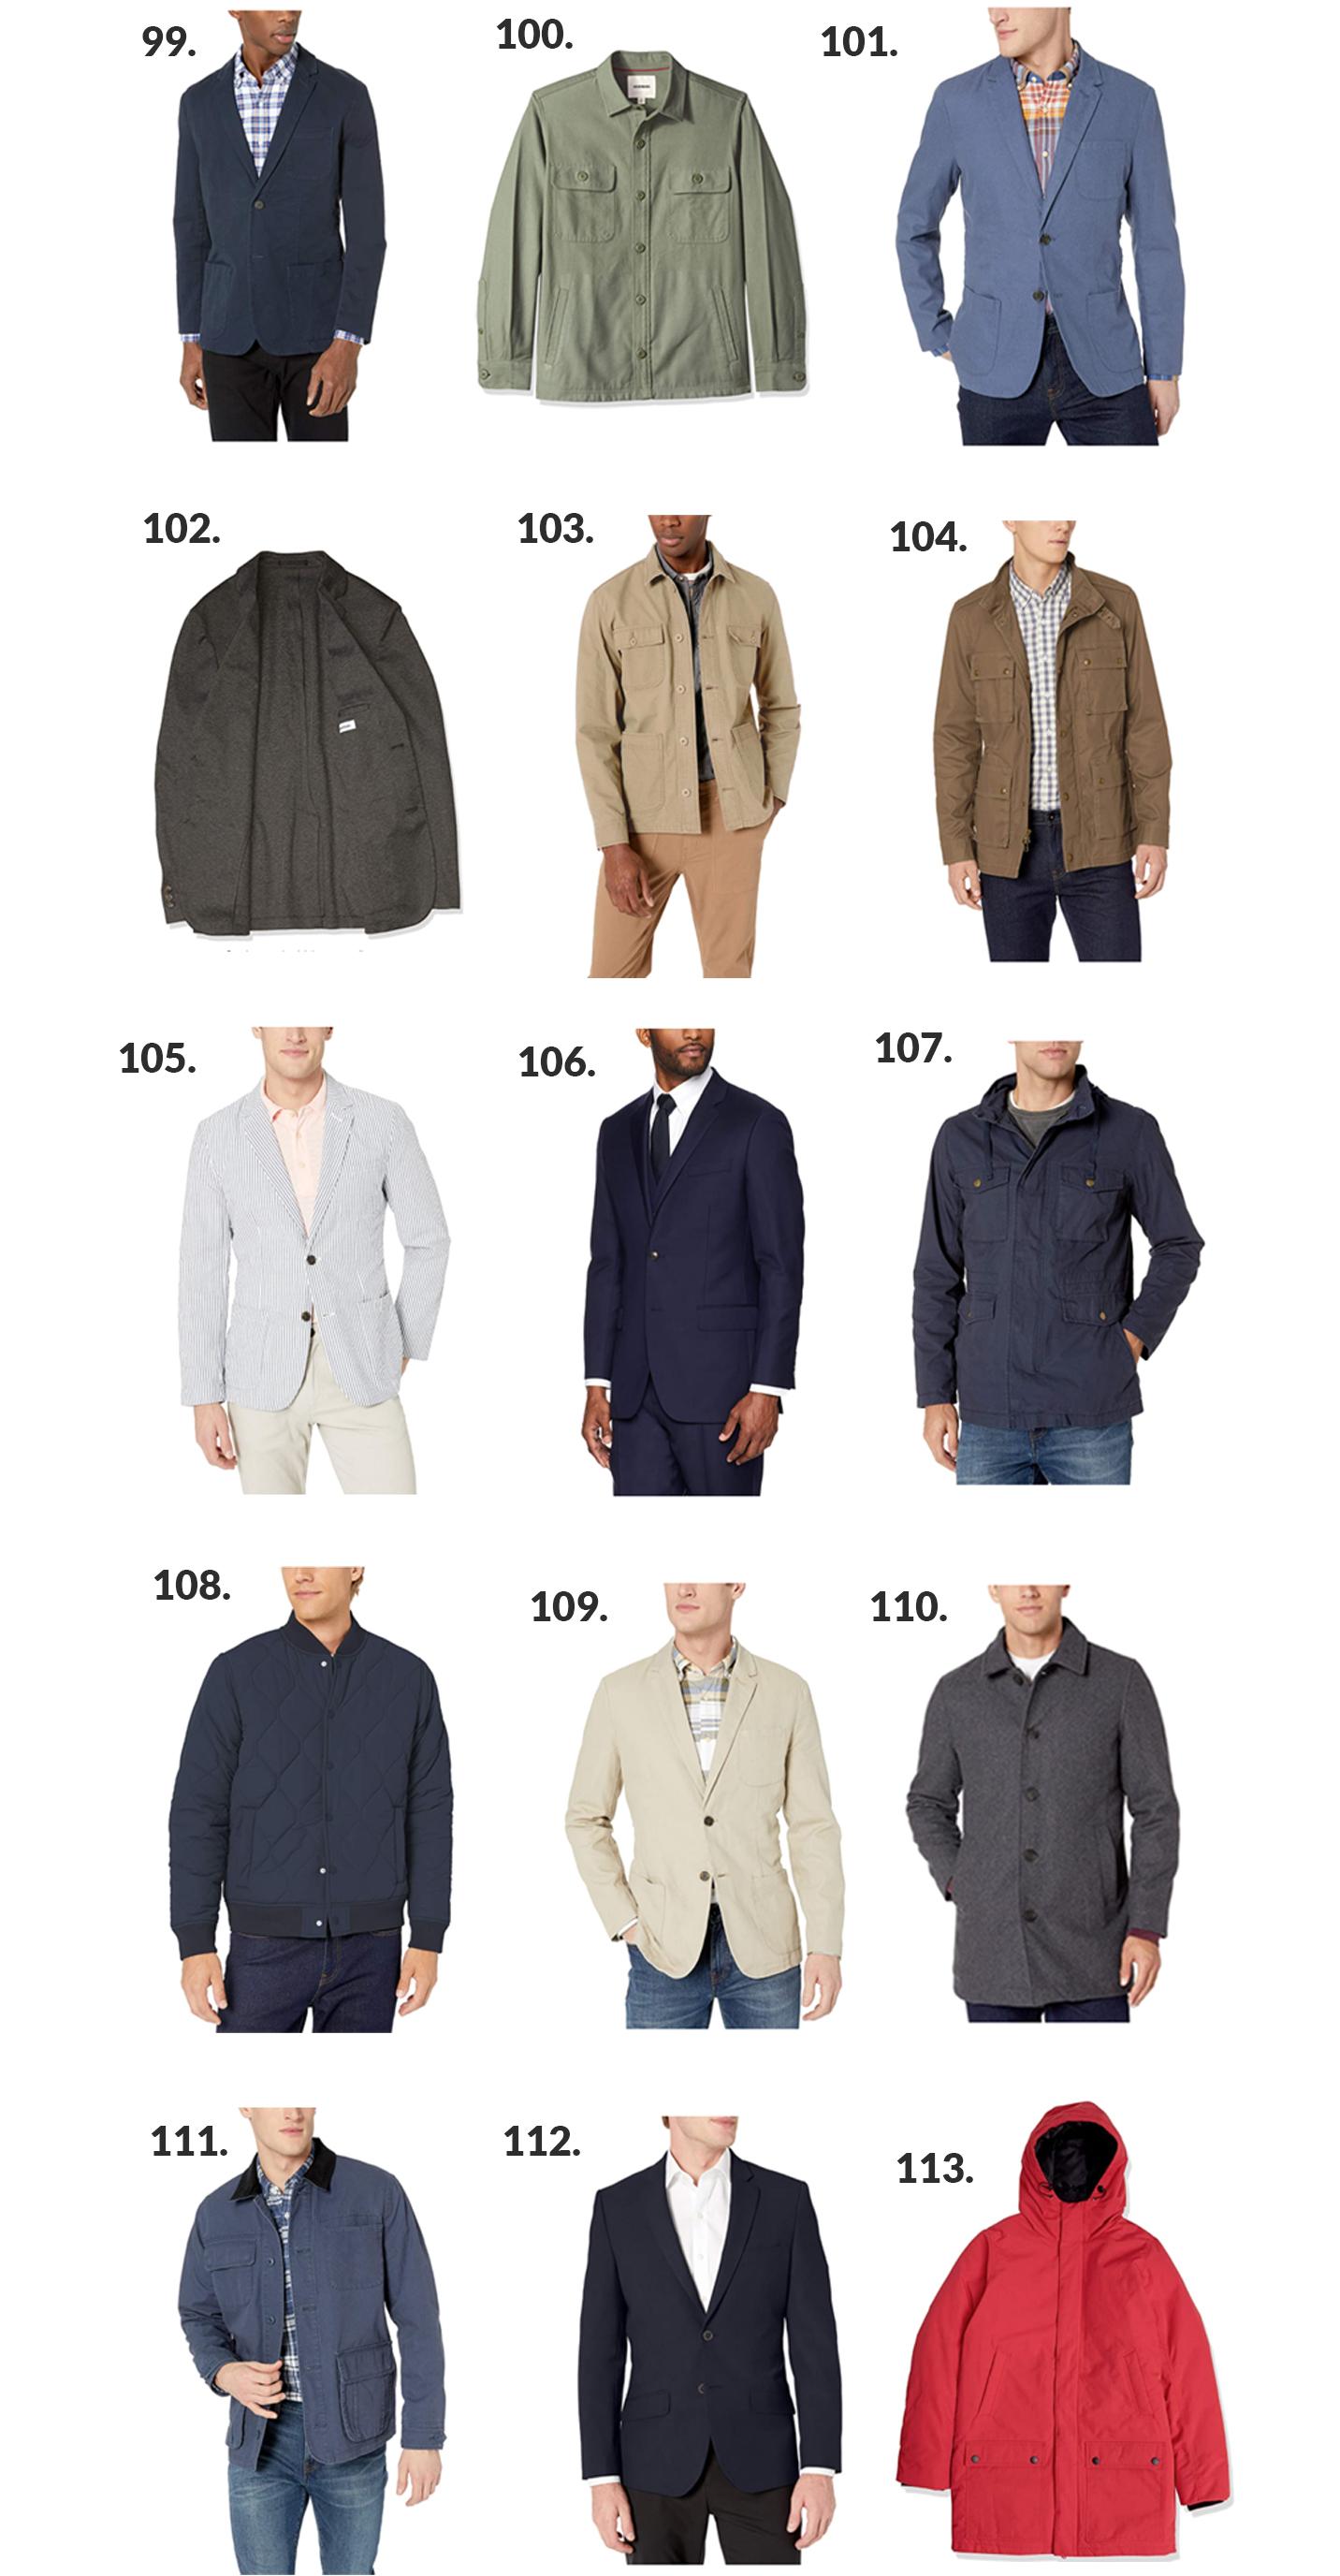 Cheap Amazon Mens Fashion outerwear